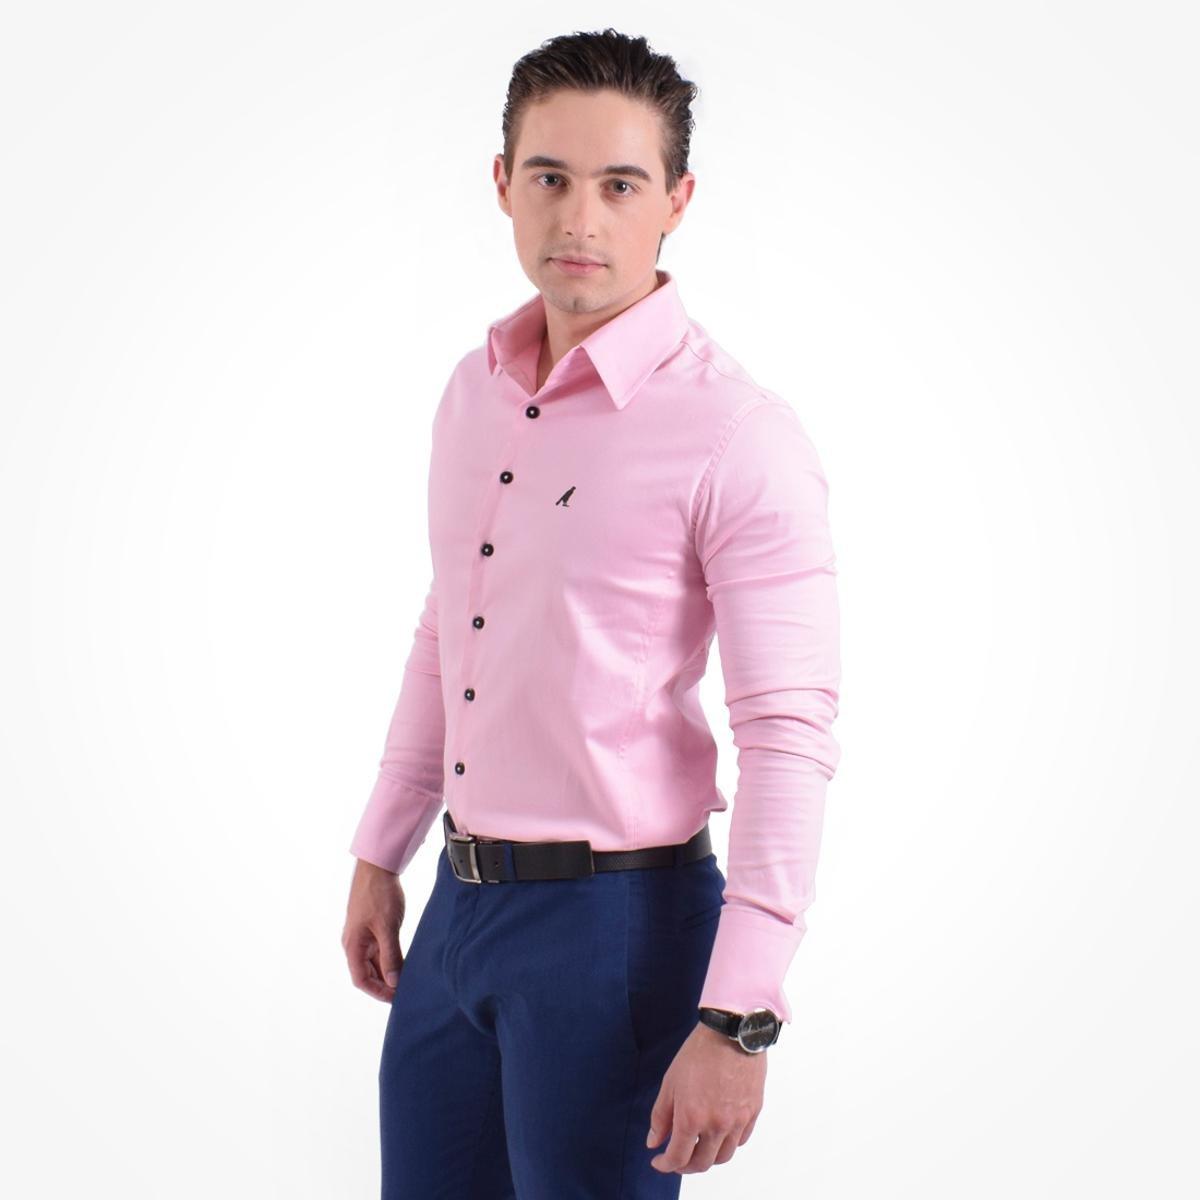 Camisa Social Masculina - Super Slim - Rosa - Compre Agora  d17f98ea80177